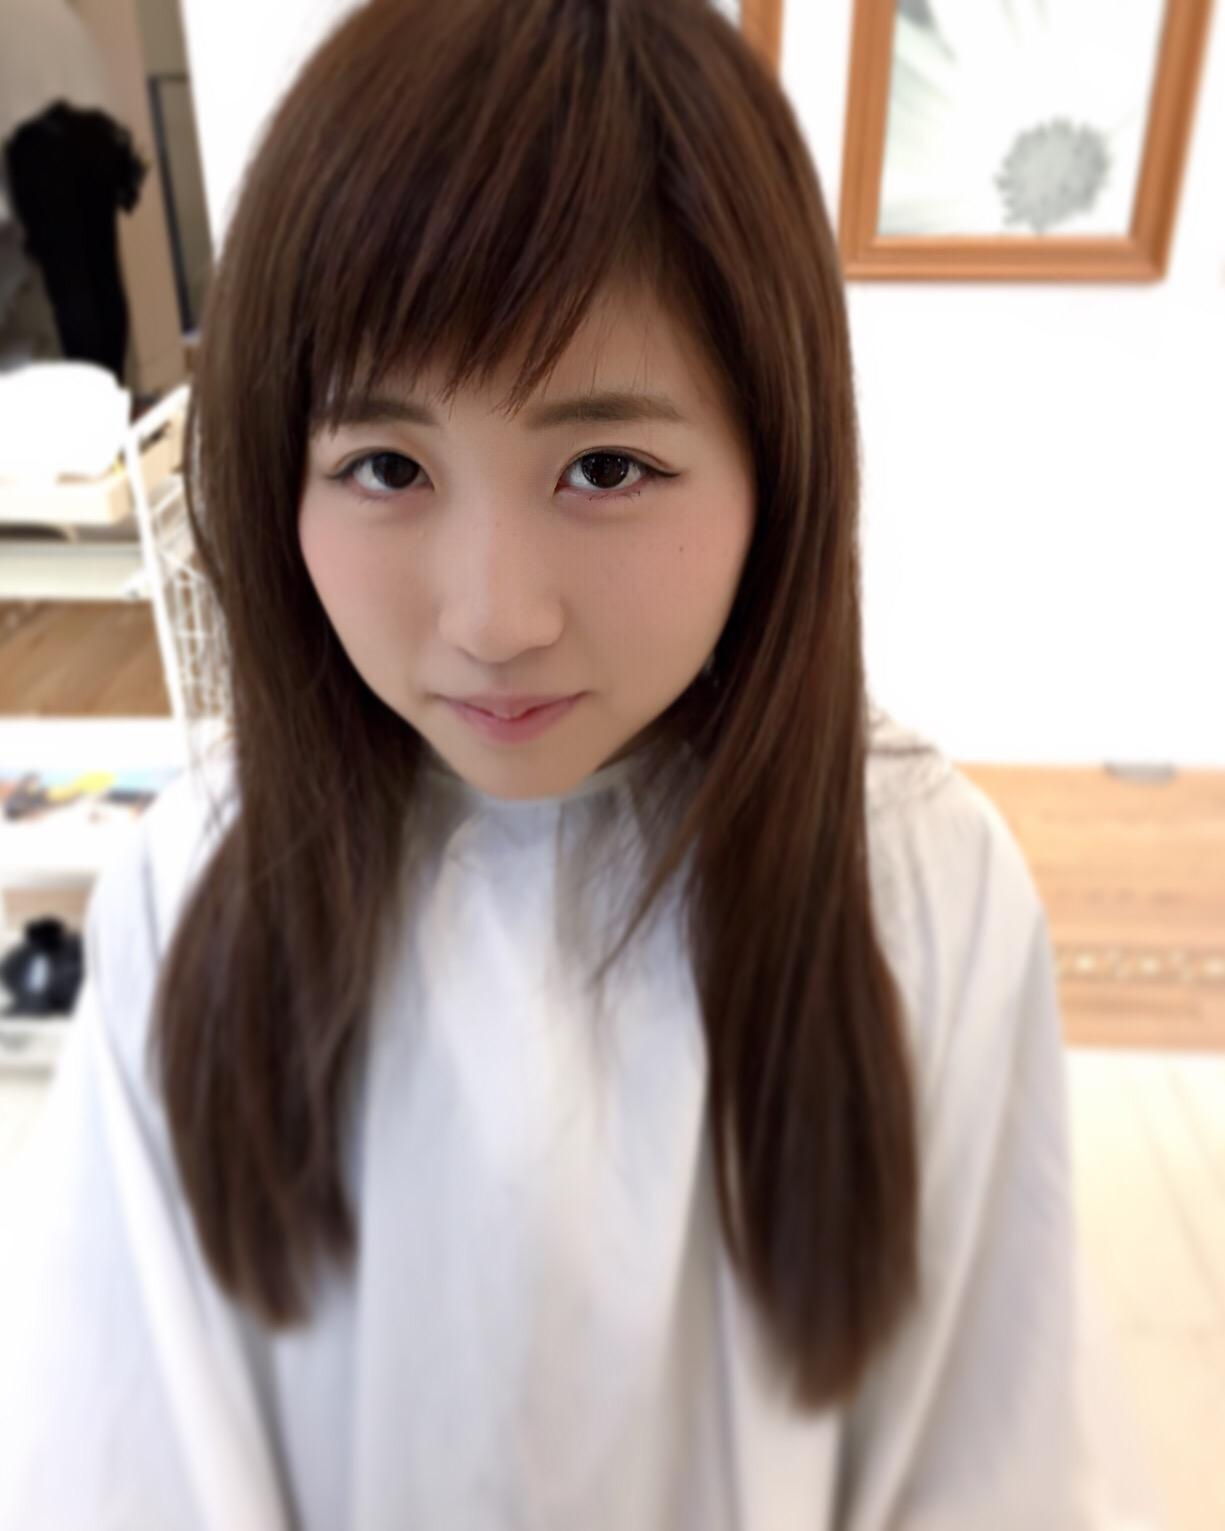 小顔になれる前髪の秘密